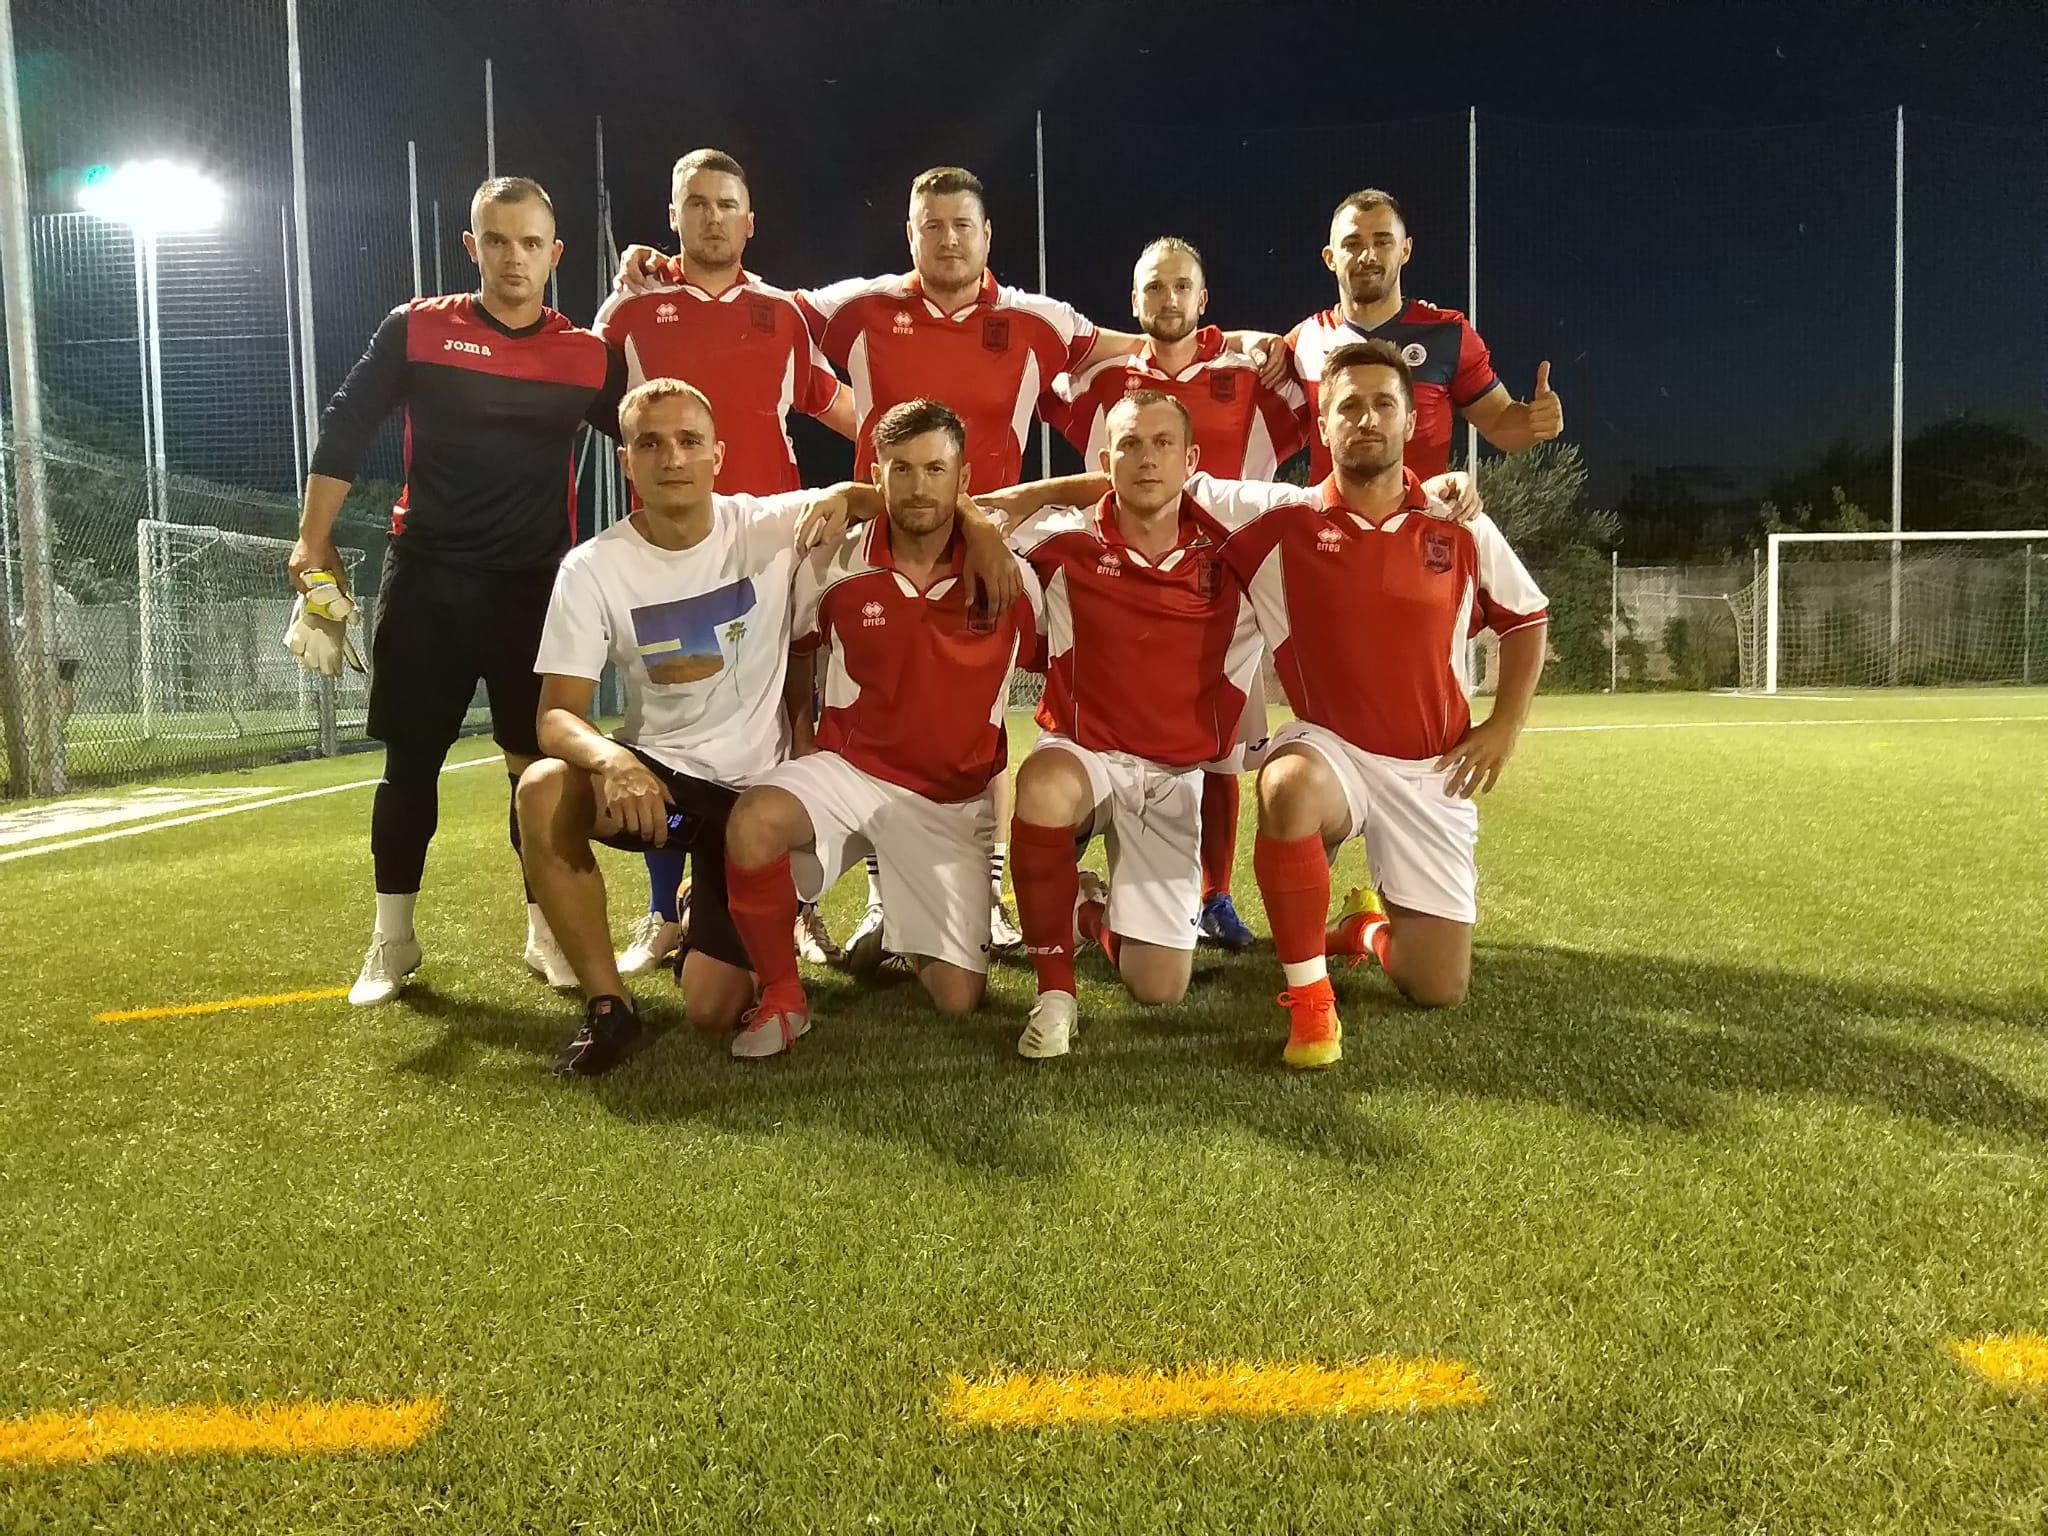 dream team sportland milano calcio a 7